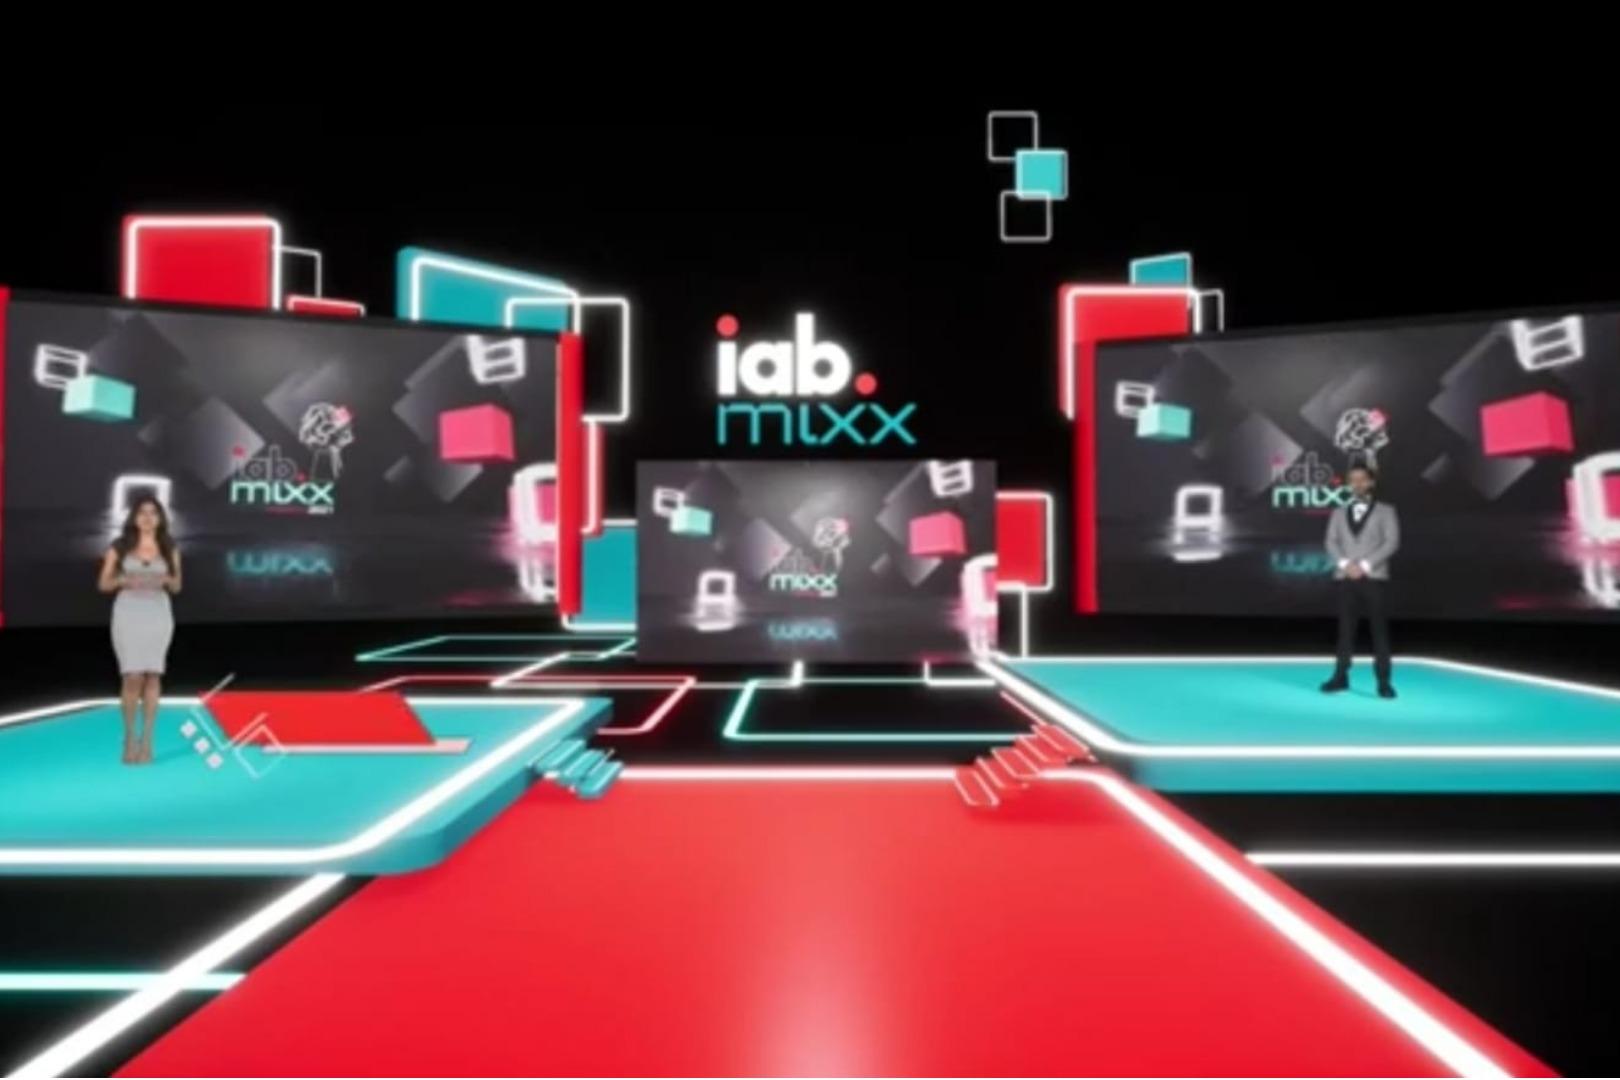 Premios IAB Mixx